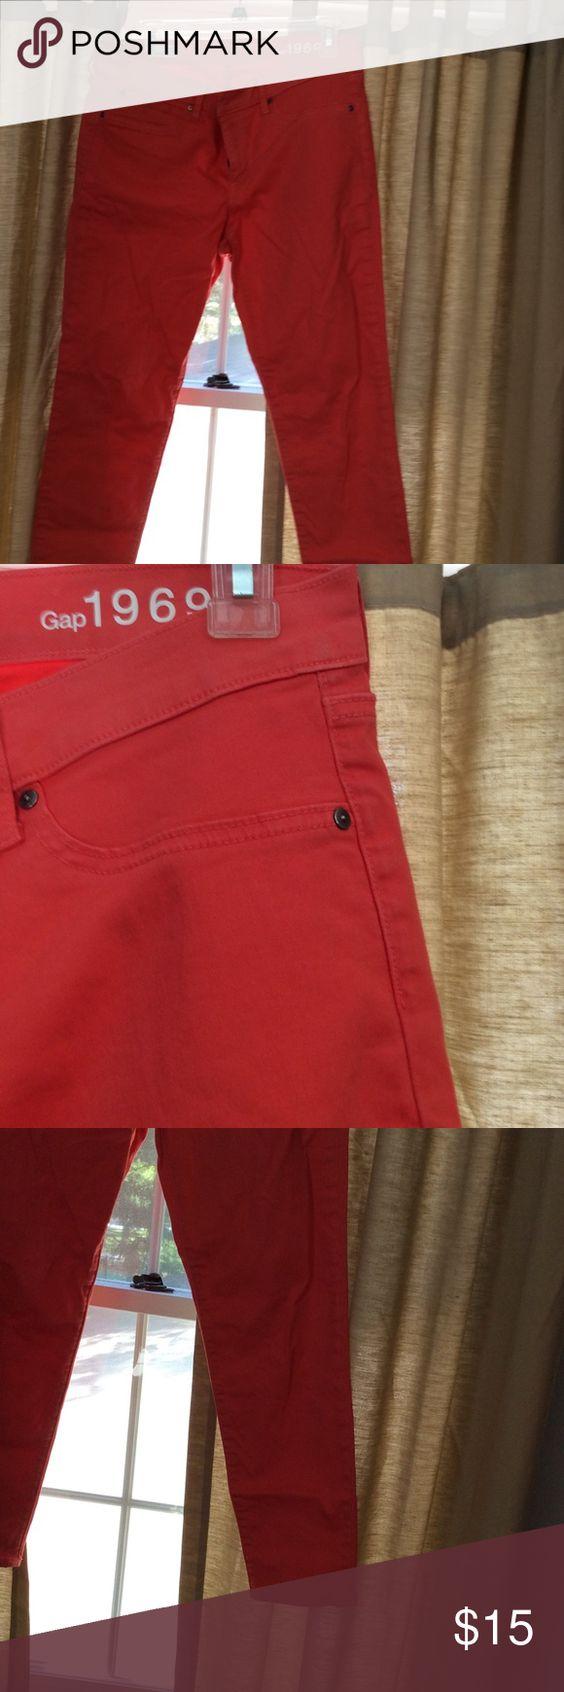 Skinny jeans Gap orange tangerine skinny jeans GAP Jeans Skinny